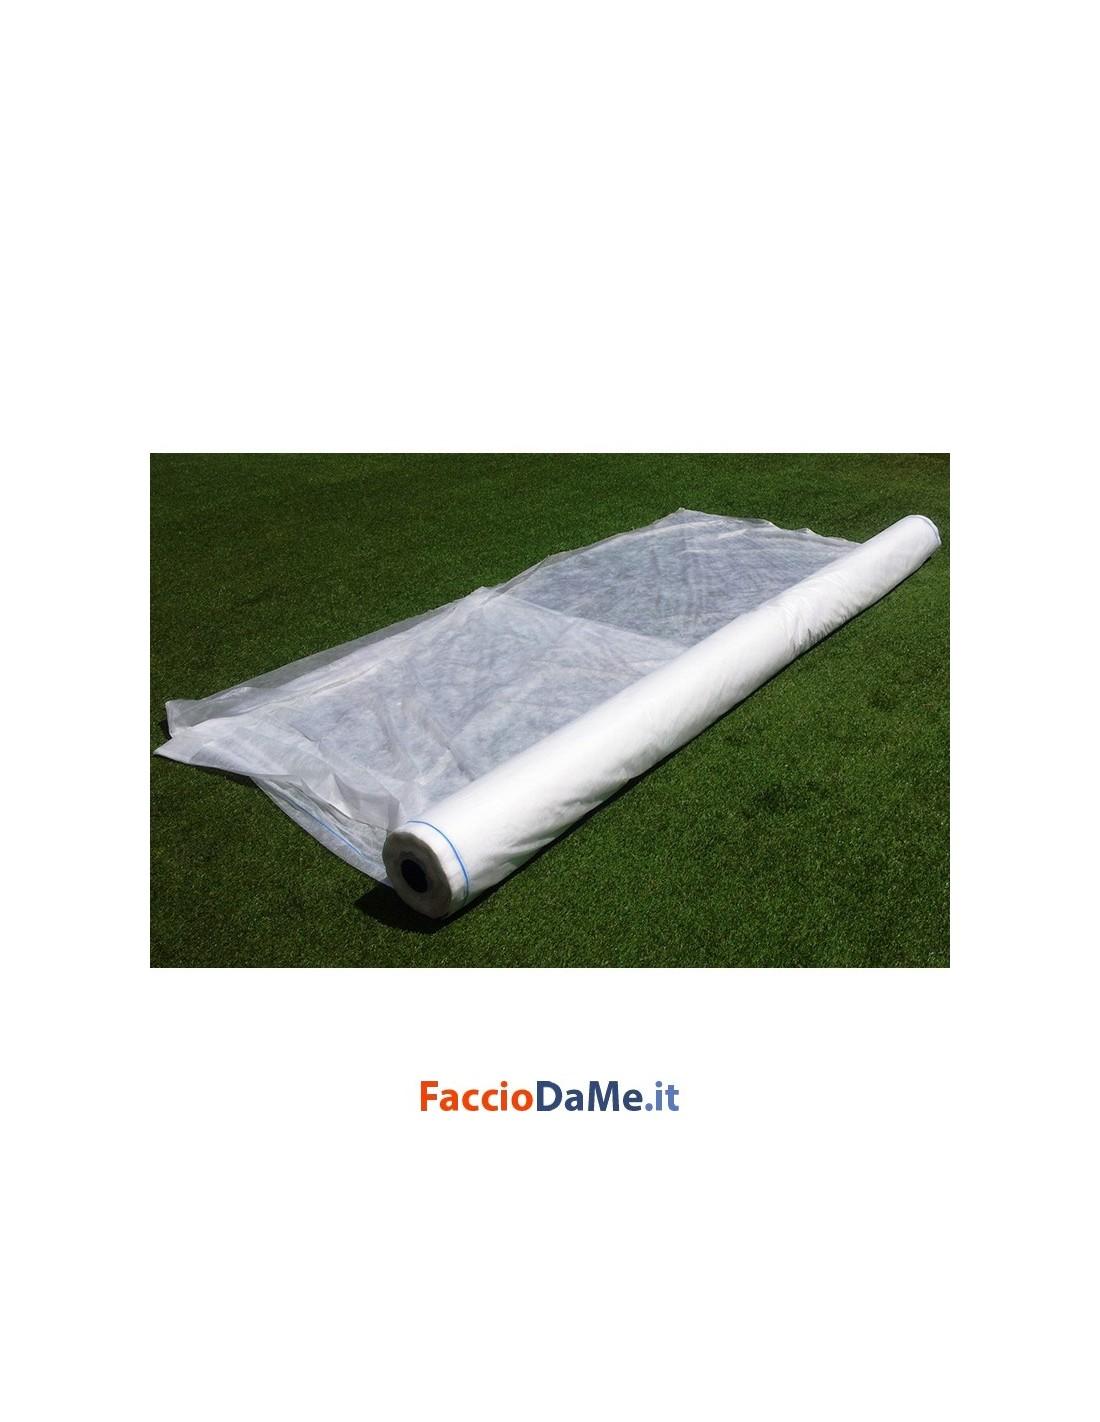 Telo tnt tessuto non tessuto bianco proteggi fiori piante orto 1 60x10 metri - Telo tessuto non tessuto giardino ...